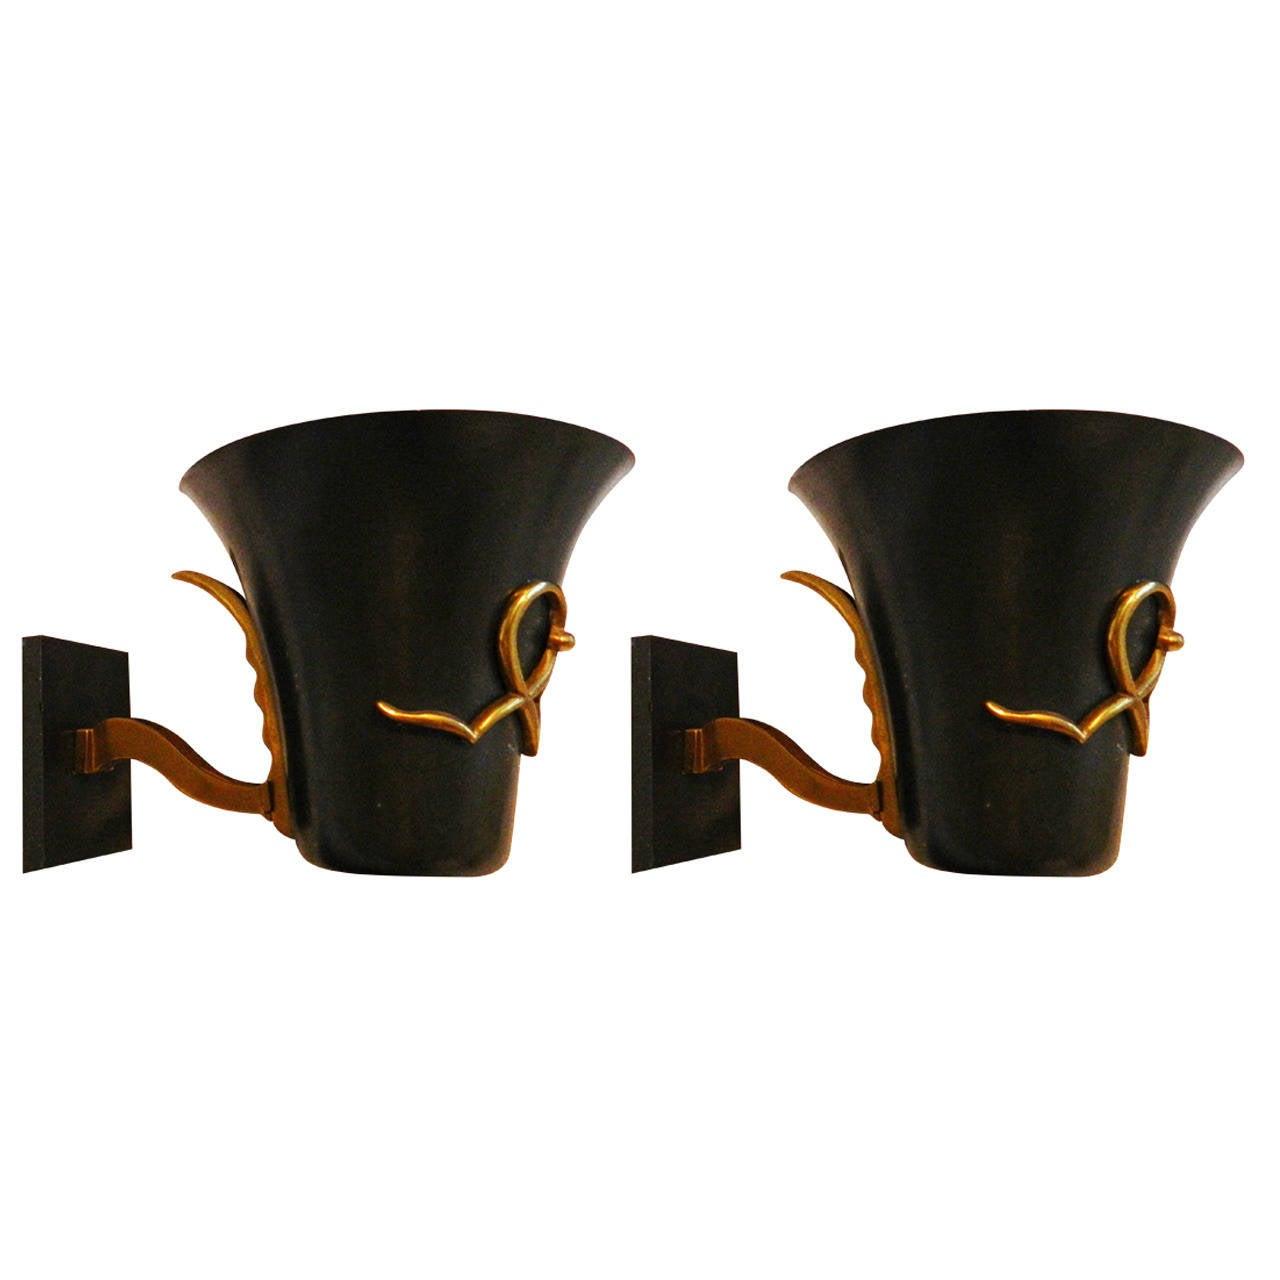 Black Painted Atelier Petitot Sconces, four Pair available